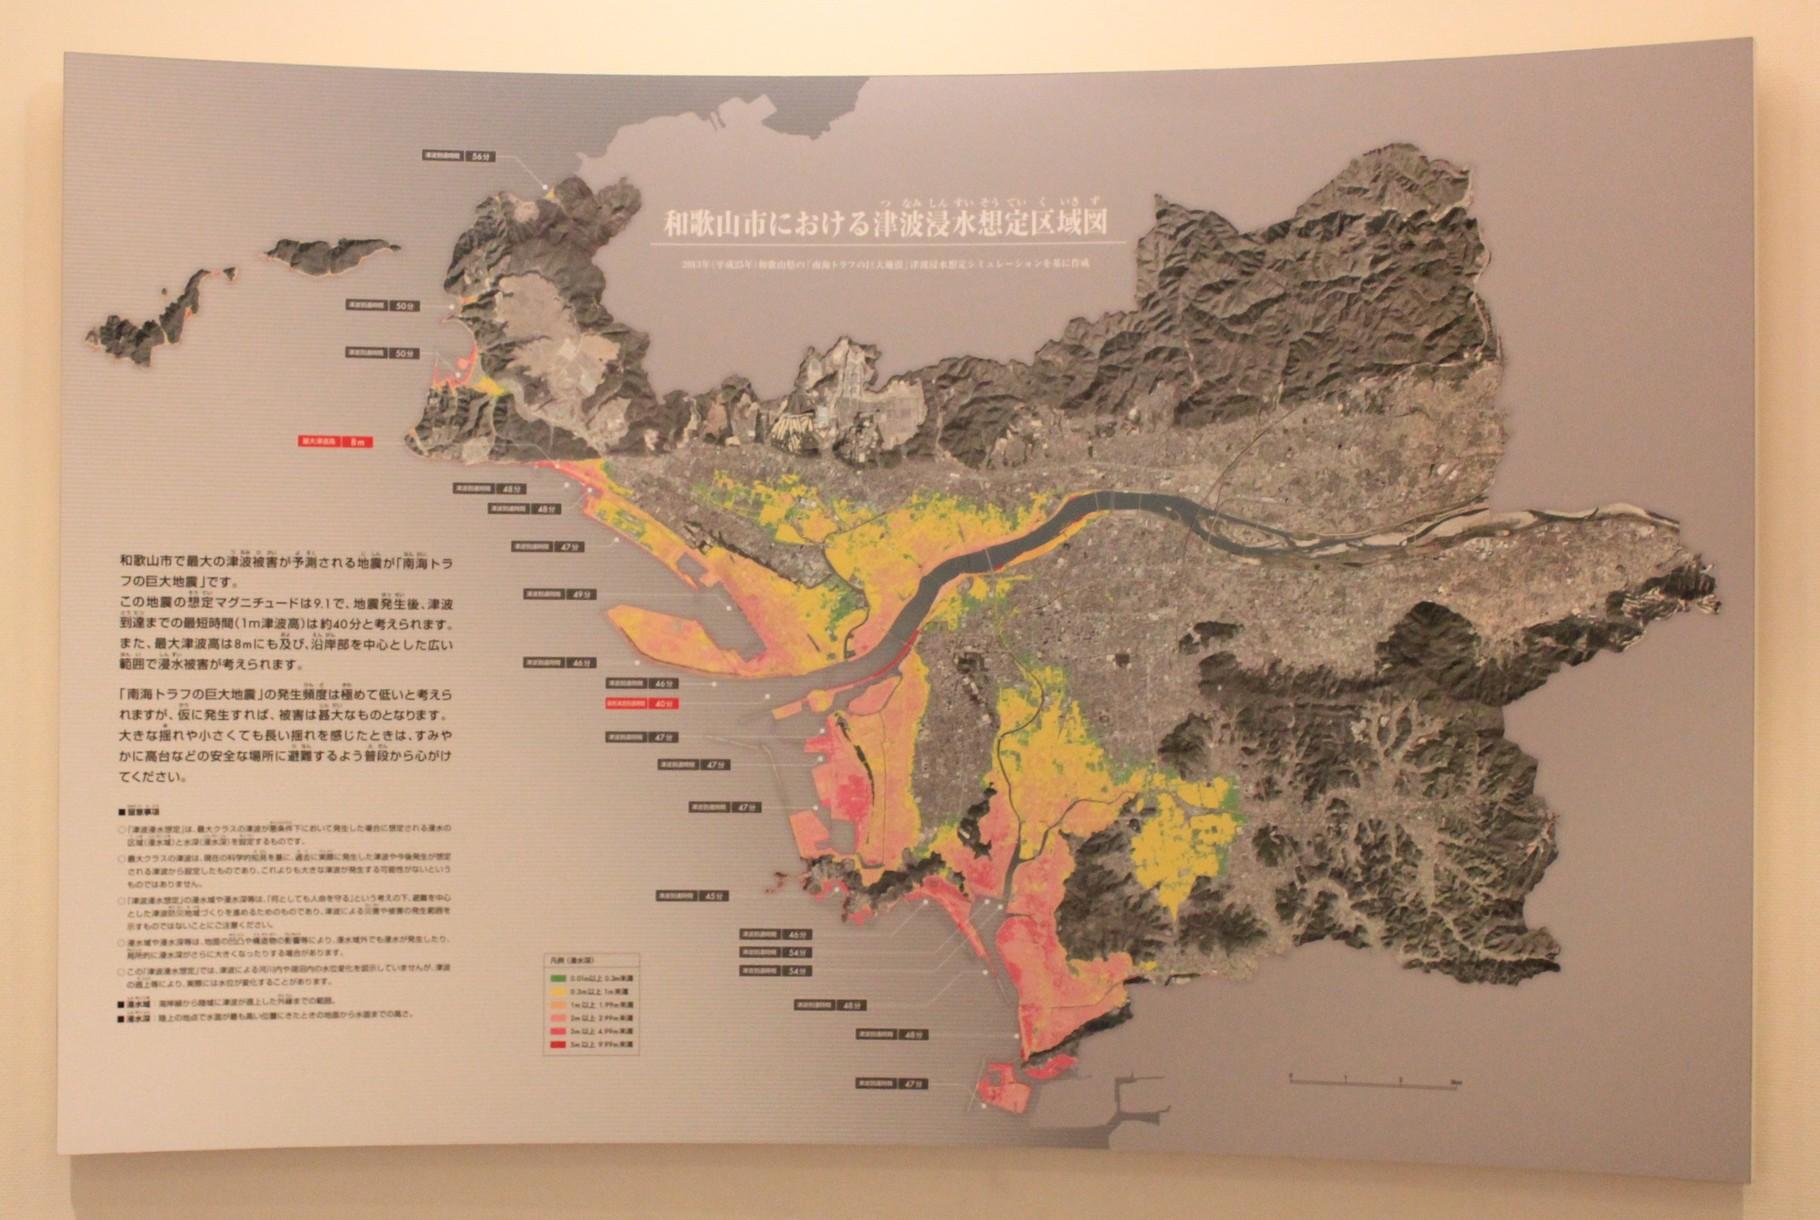 和歌山市における津波浸水想定区域図